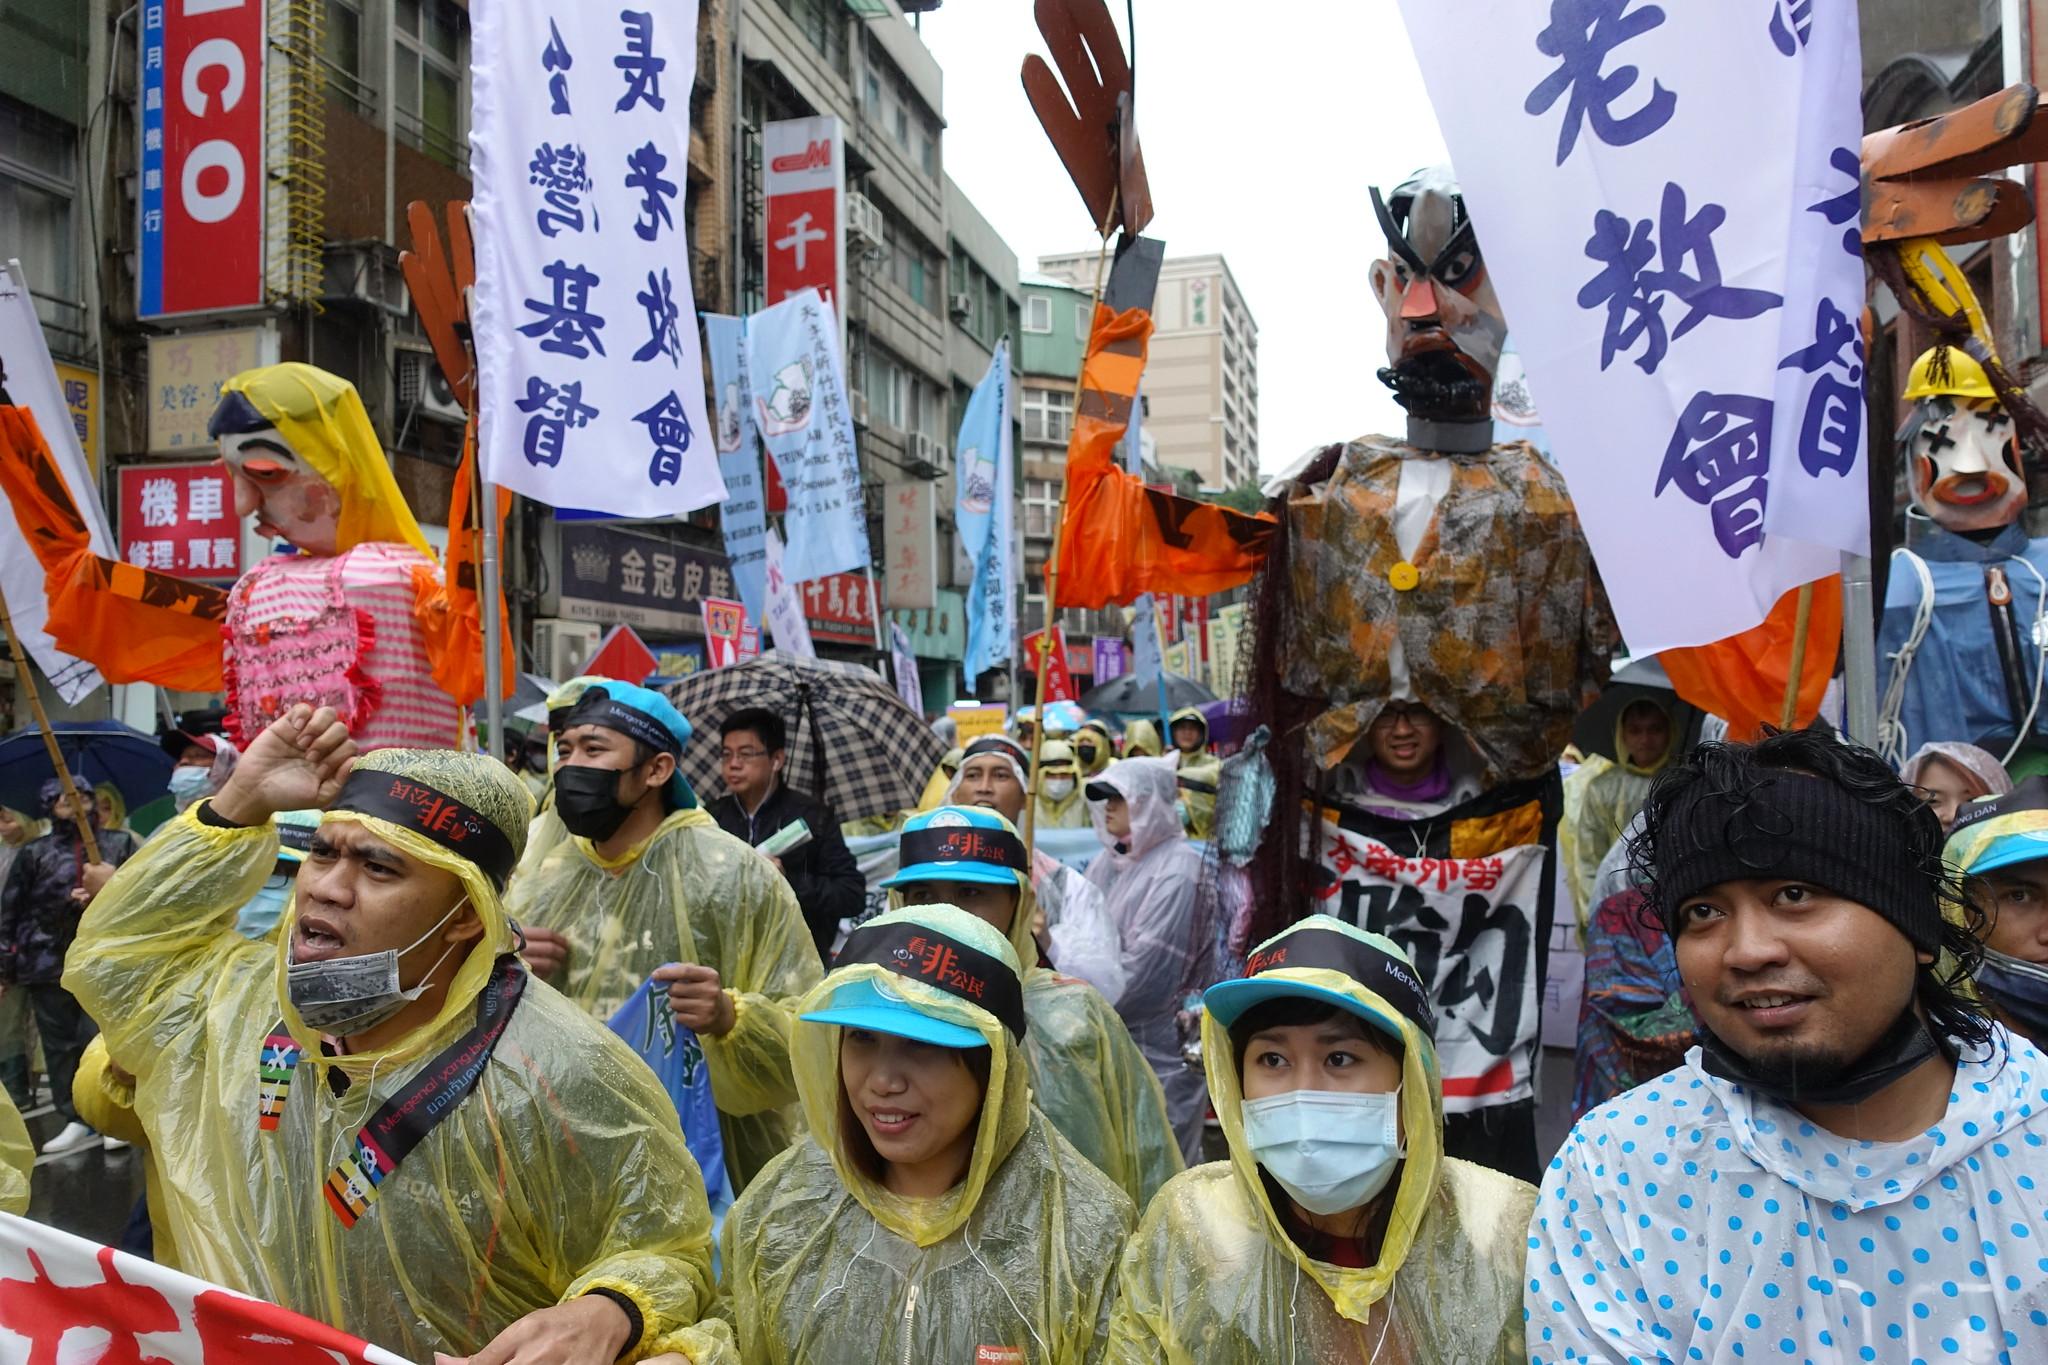 遊行中有三個移工盟製作的大型人偶,分別代表家務工、漁工和廠工。(攝影:張智琦)